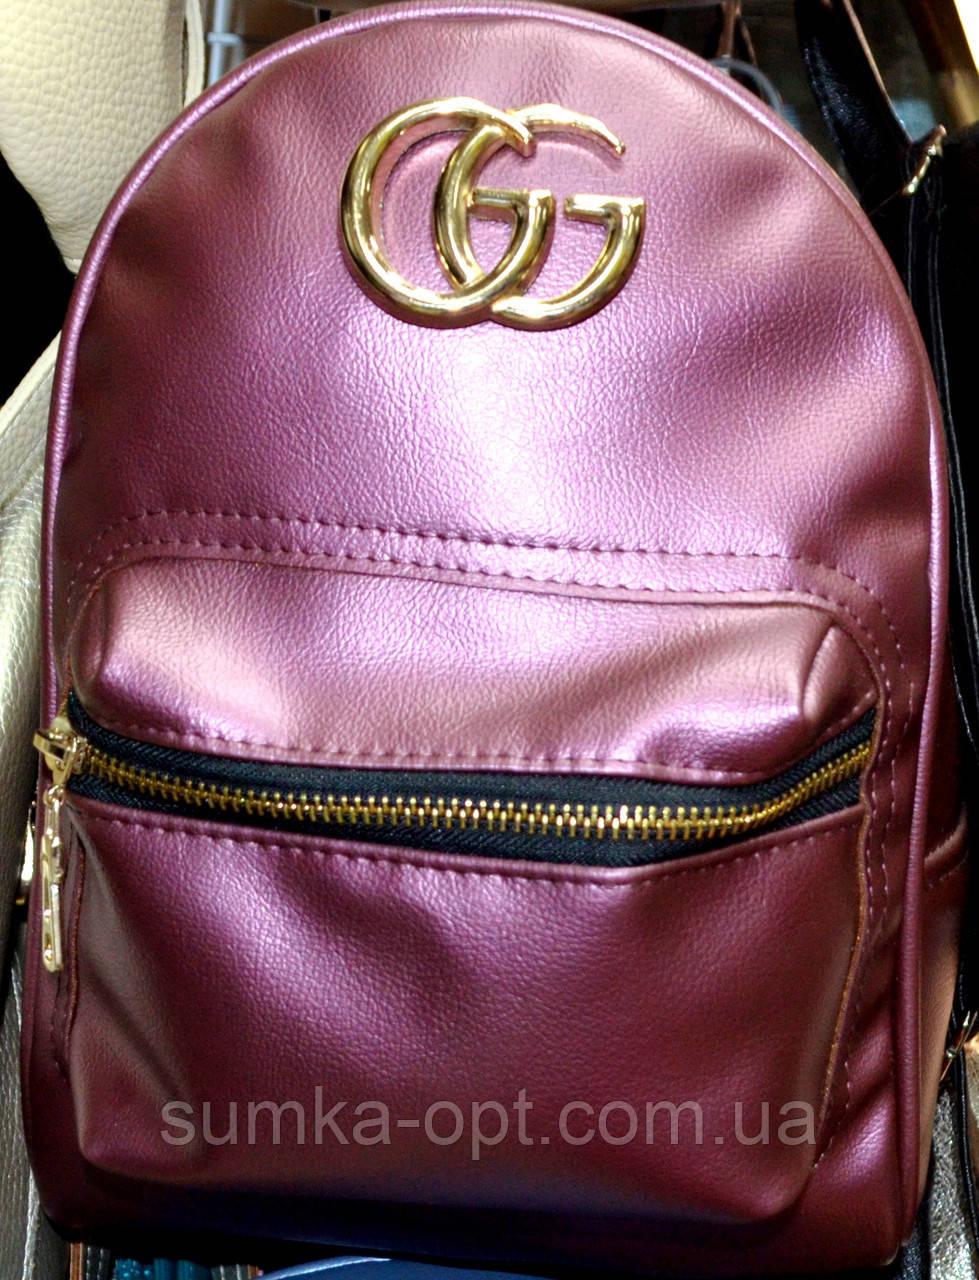 d7de683f0780 Городские рюкзаки Китай опт Gucci (бордо)23*28: продажа, цена в ...